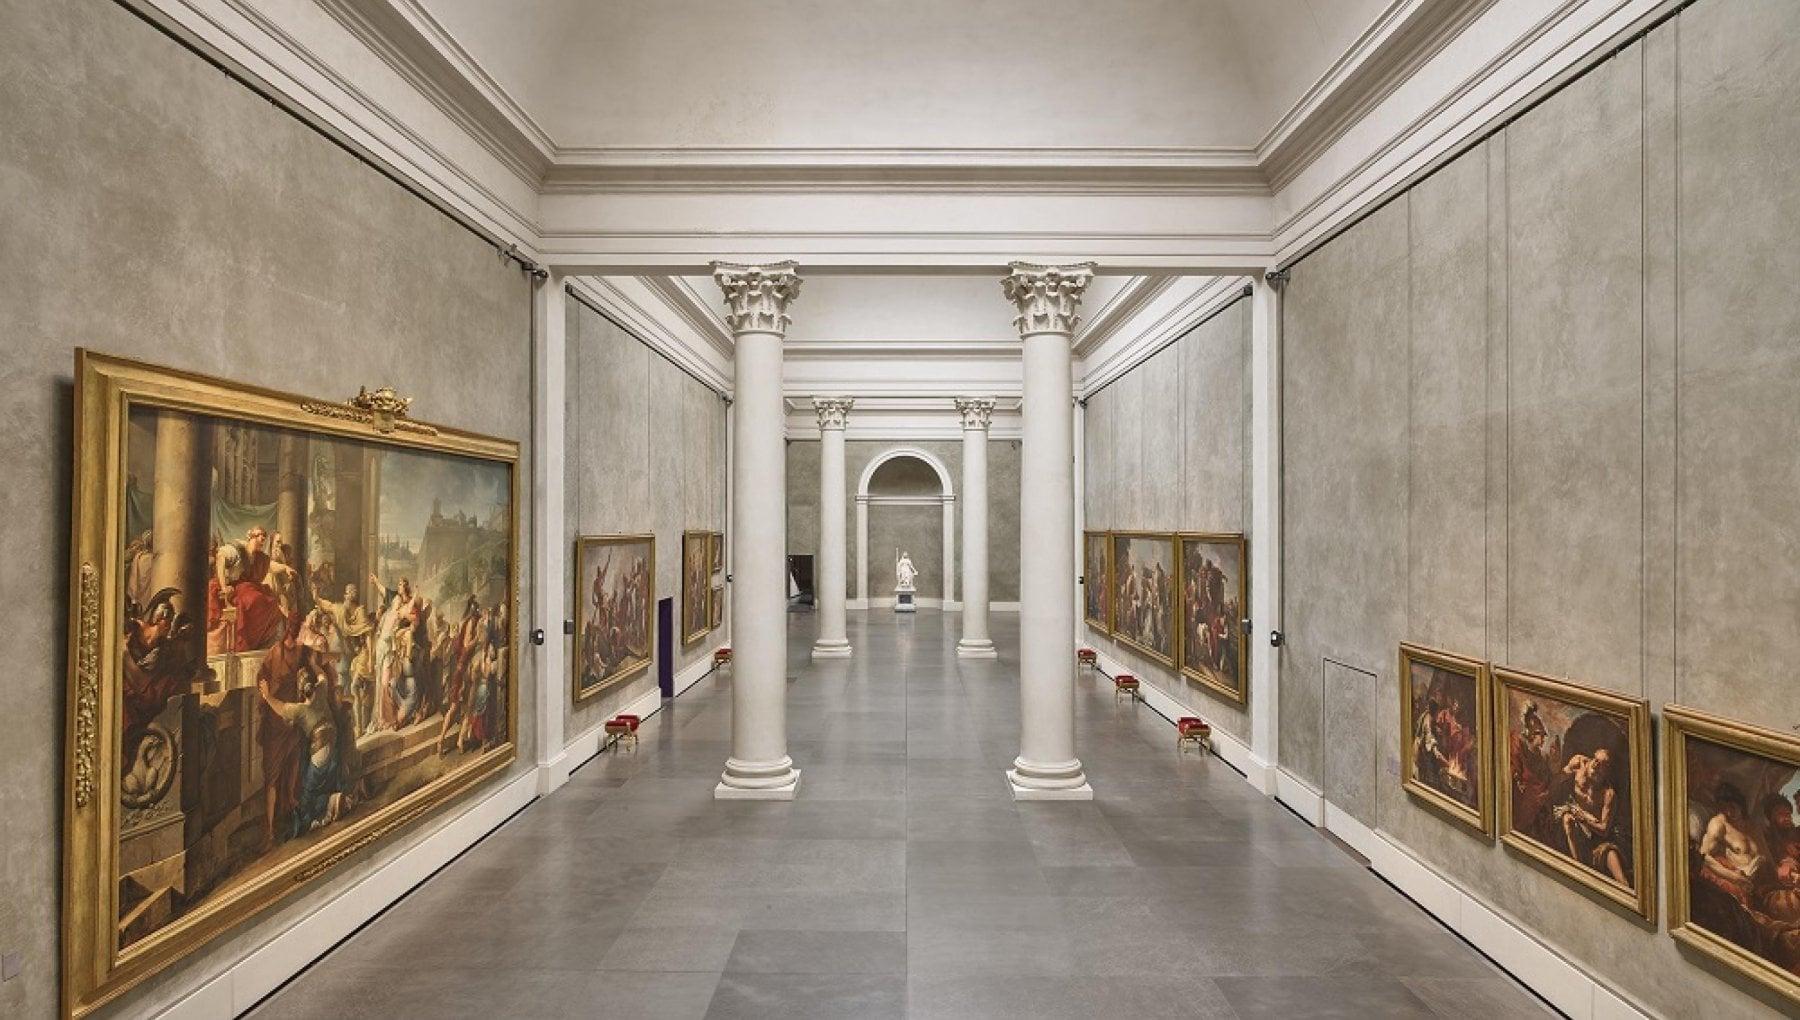 Musei verso la riapertura. Gli appelli dalle Gallerie di tutta Italia Siamo pronti a riaprire con ingressi contingentati e orari piu lunghi